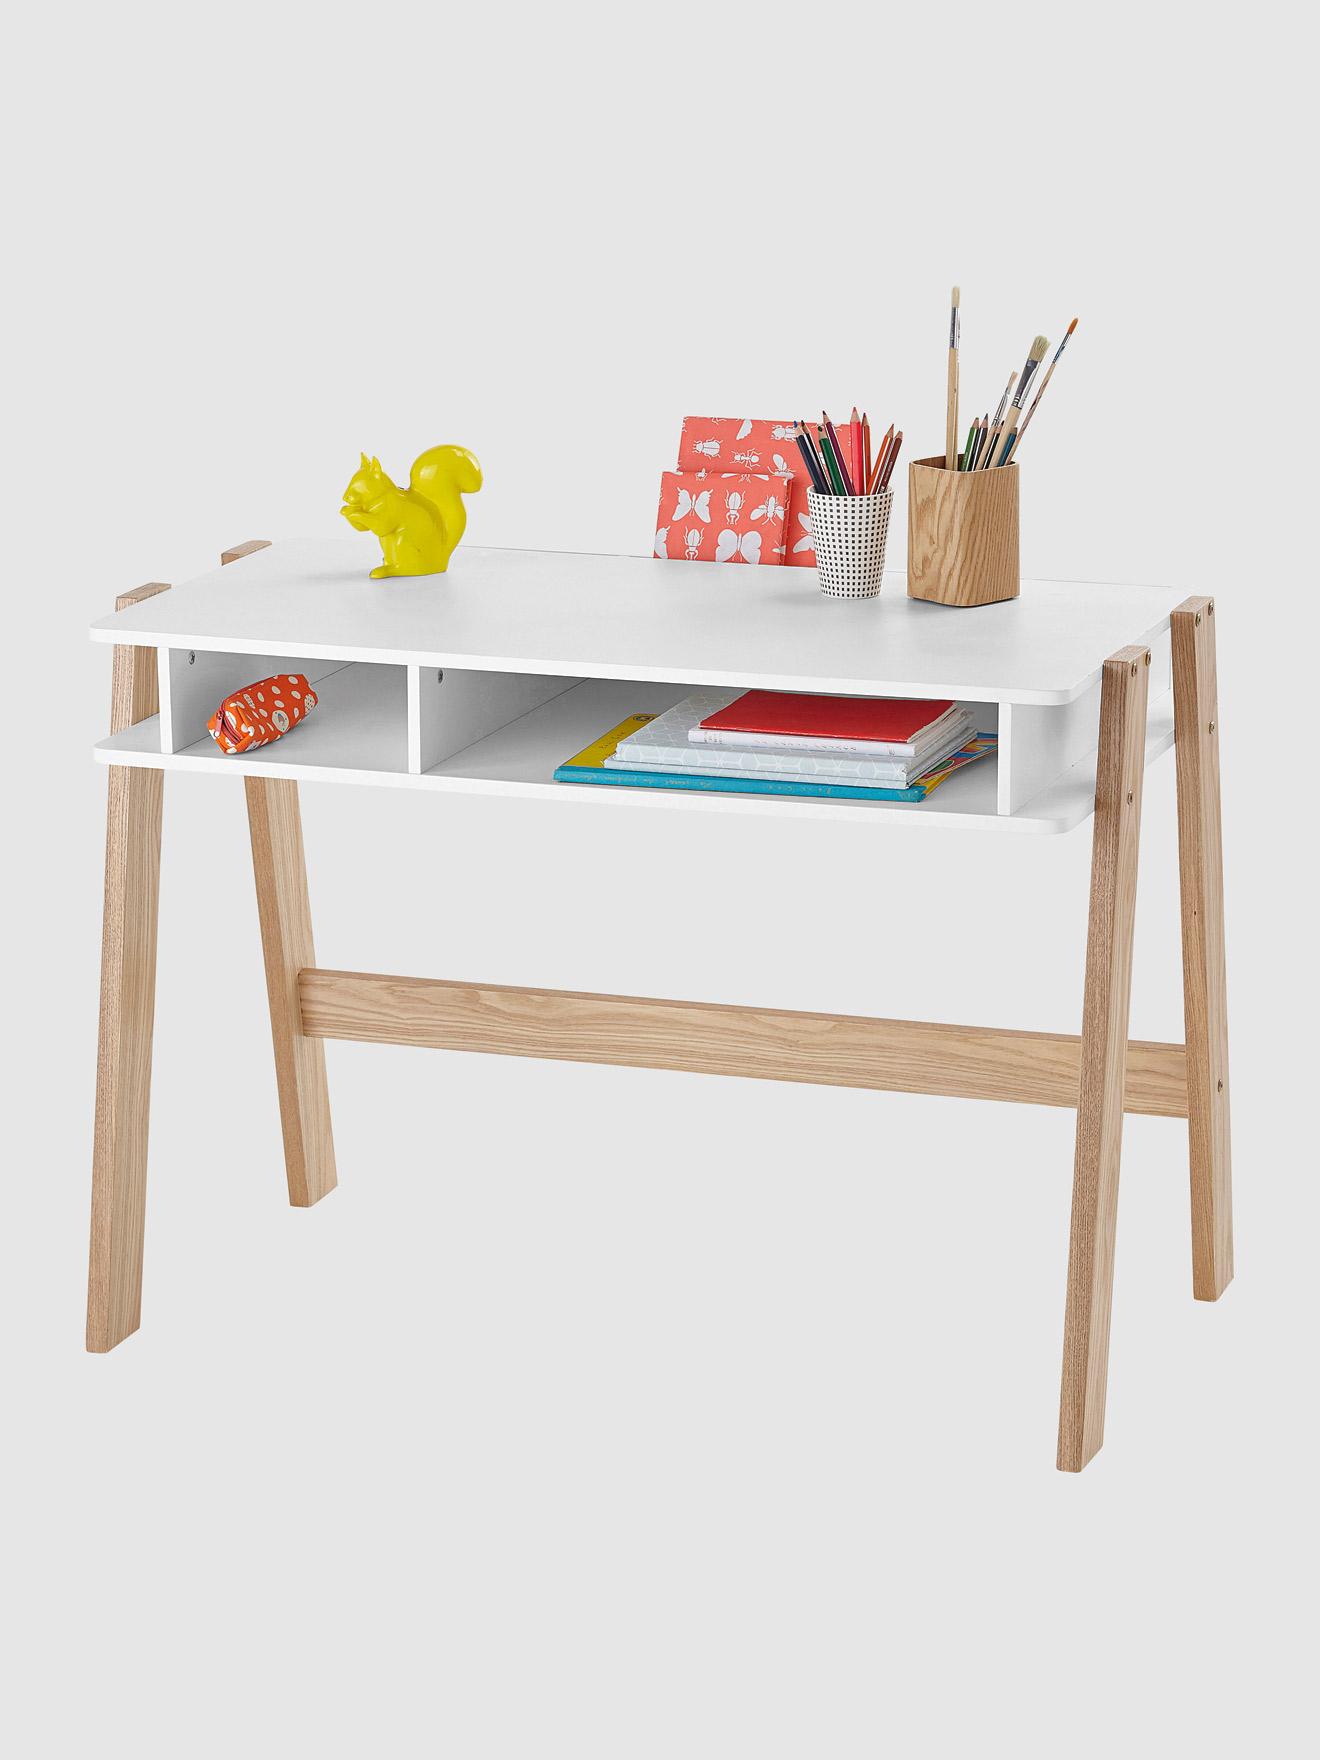 Vert Baudet Fille Meilleur De Photos Bureau Junior Fille 12 Ecolier Blanc En Collection Avec Ikea Des